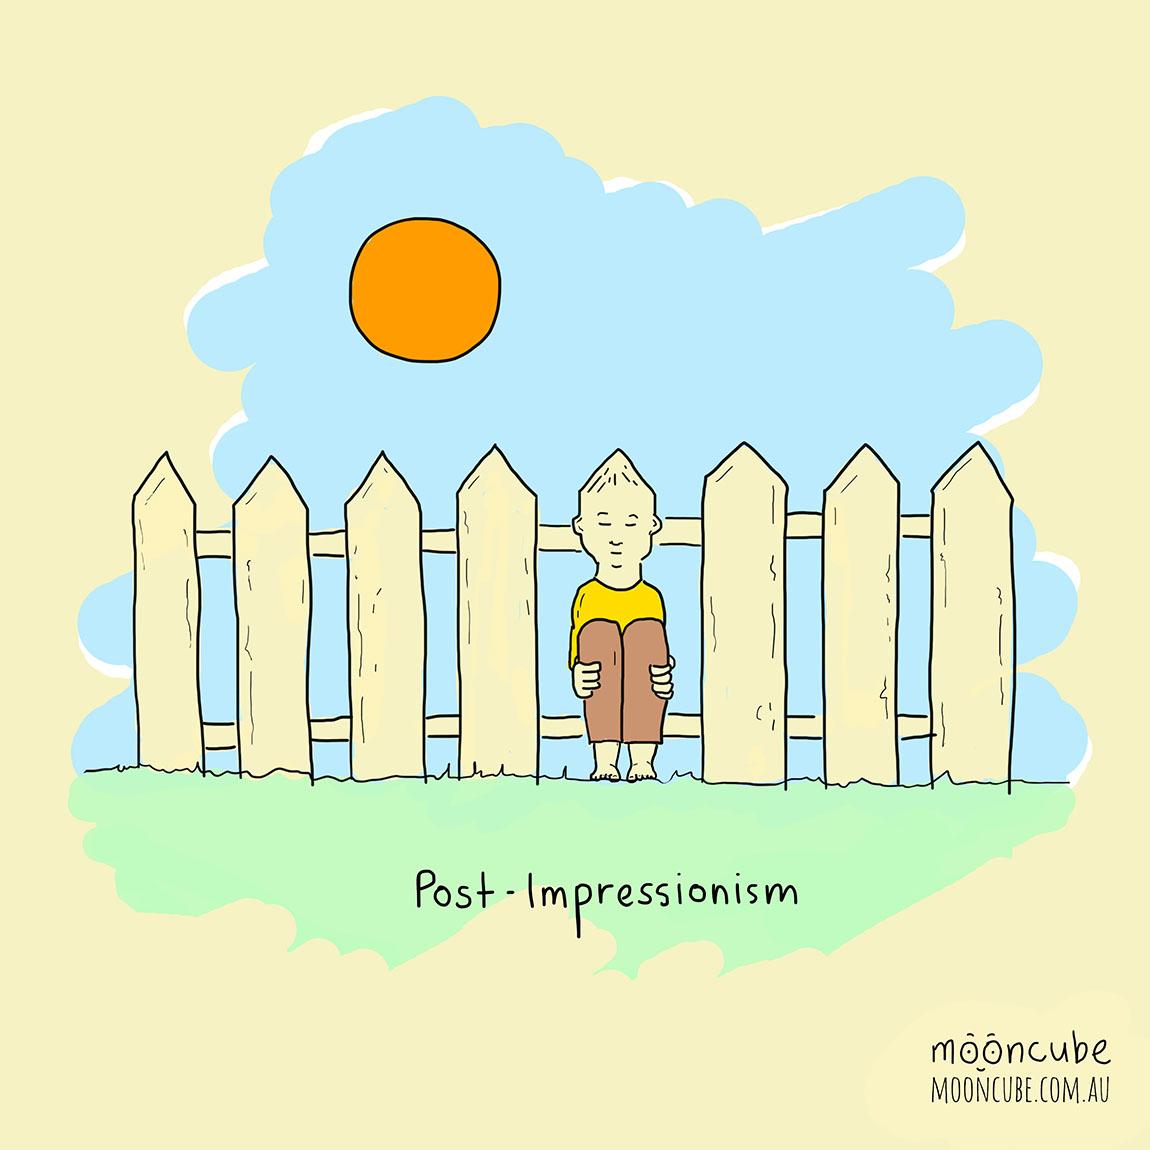 mooncube Artist, Cartoonist. The World Around Us. Art, Post-Impressionism.